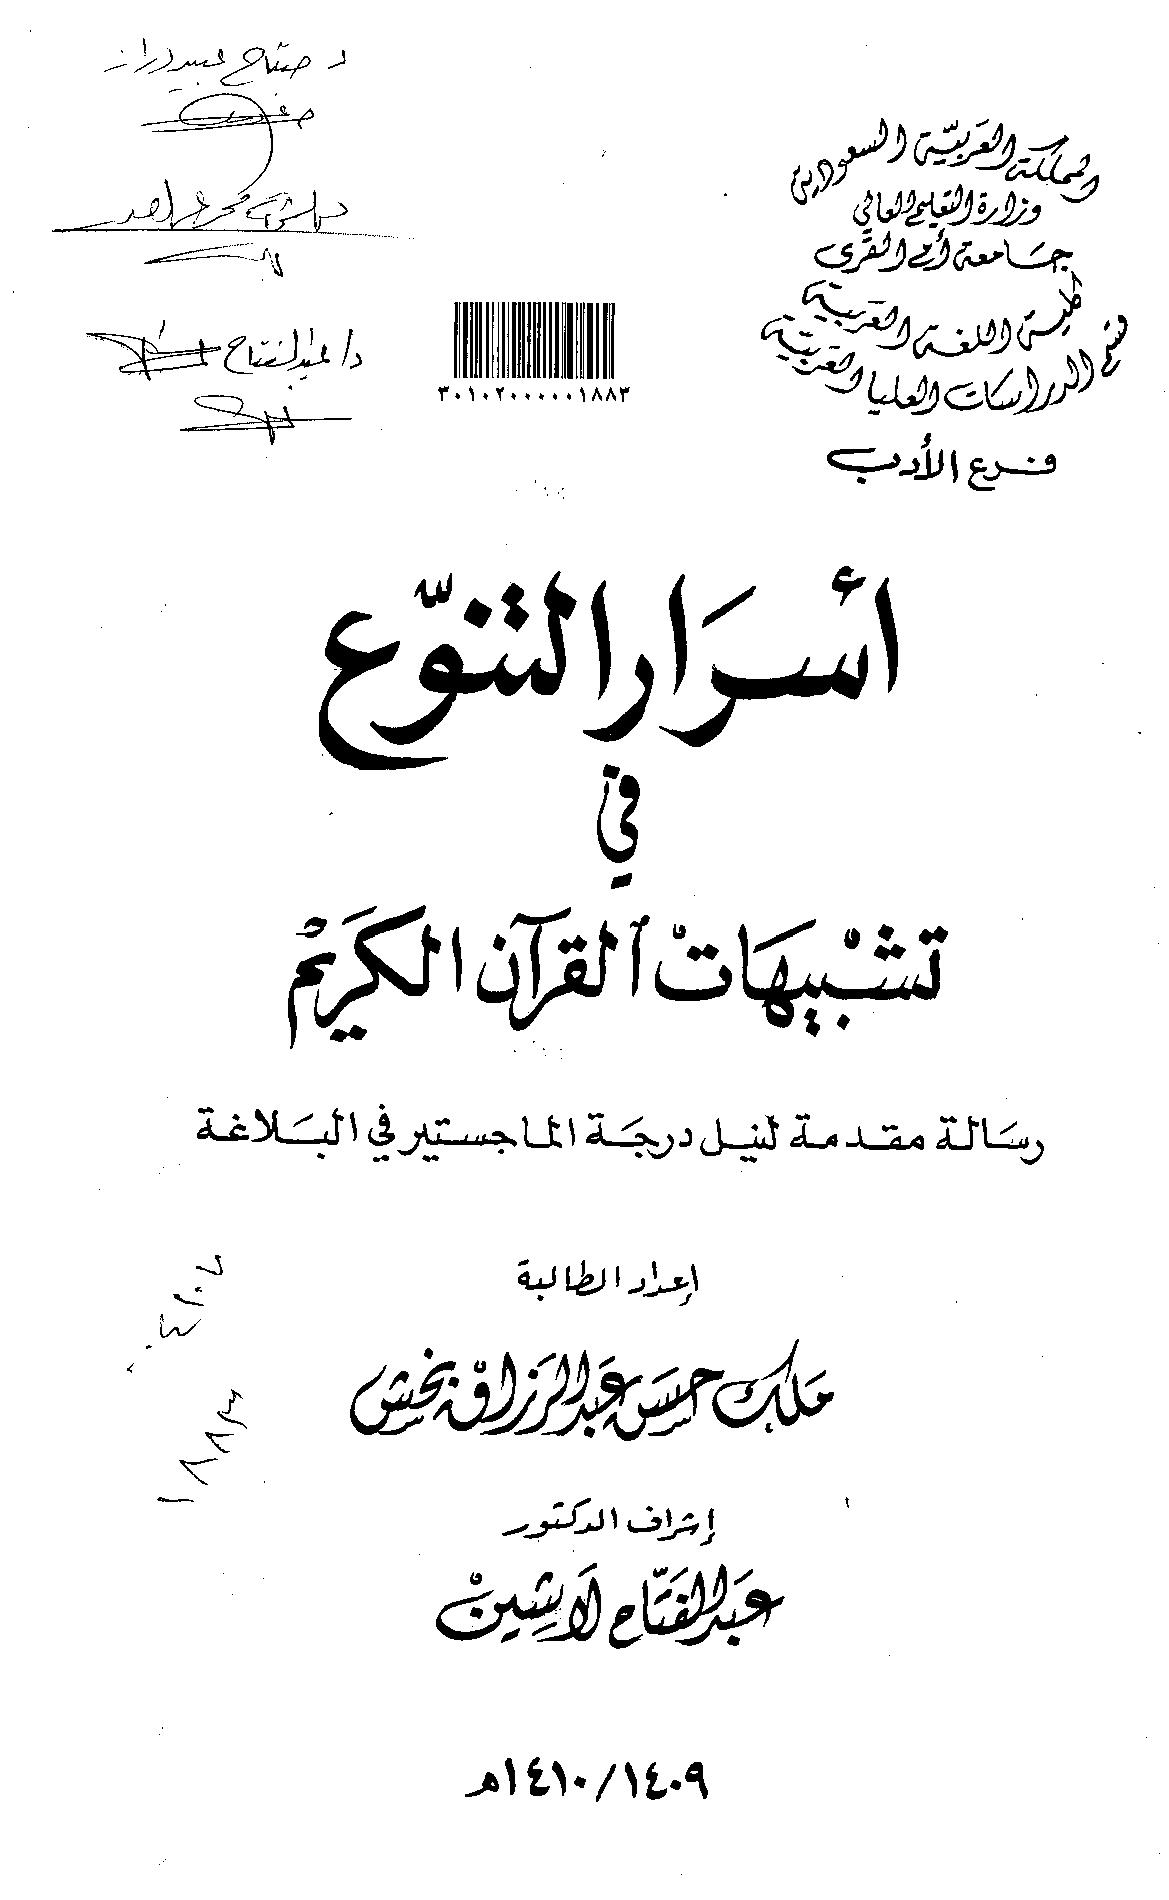 تحميل كتاب أسرار التنوع في تشبيهات القرآن الكريم لـِ: ملك حسن عبد الرزاق بخش